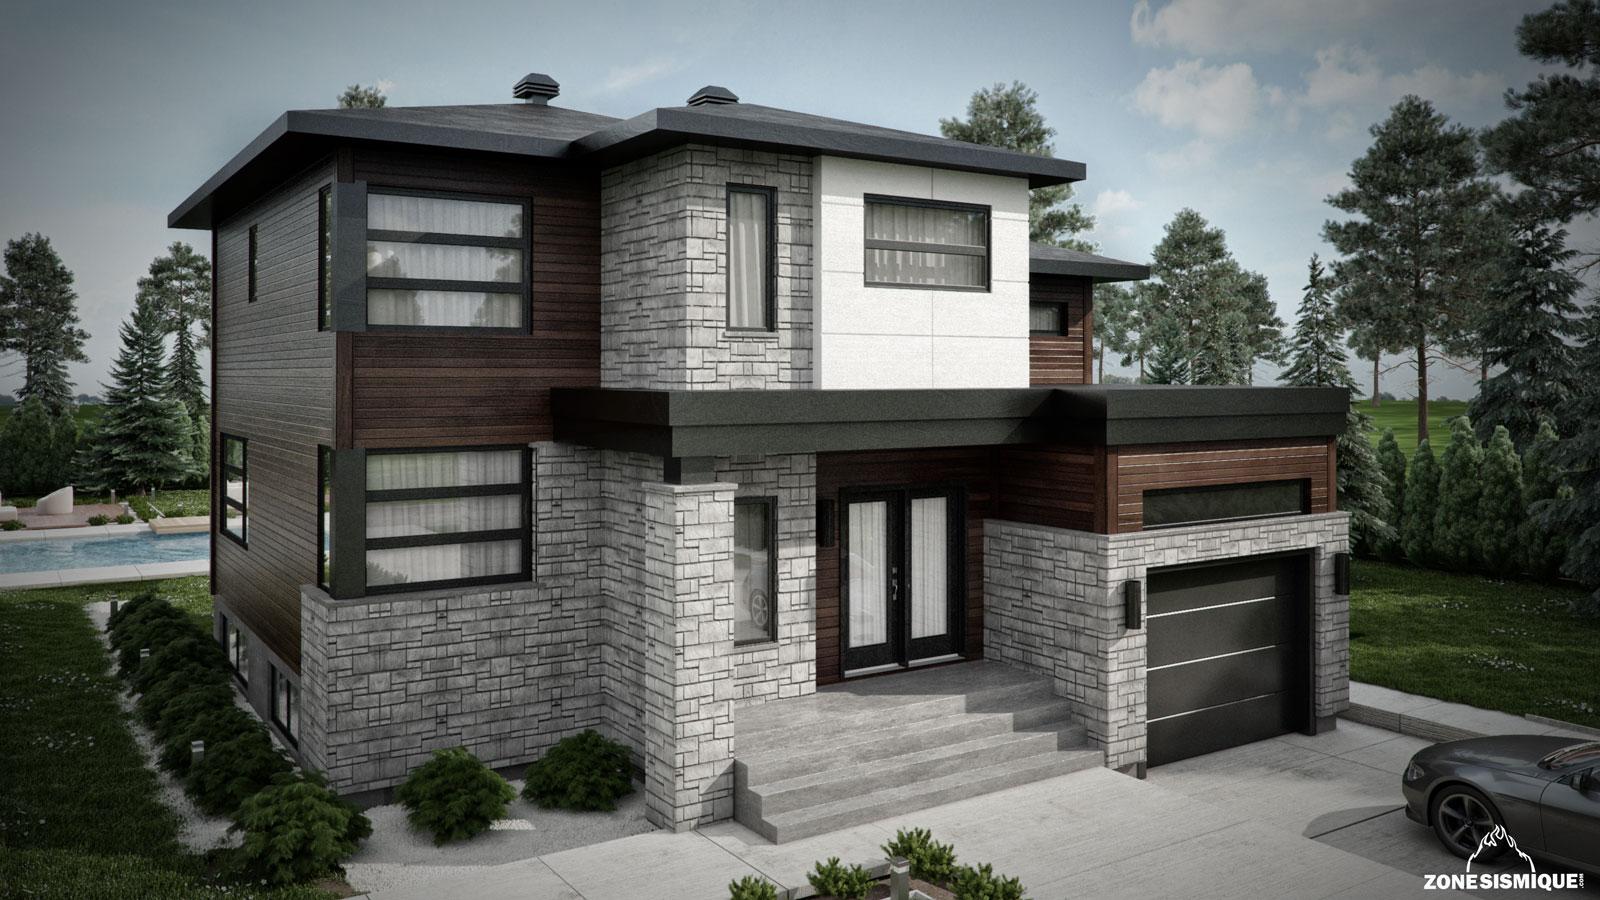 Les maisons modernes mc immo for Les maisons modernes